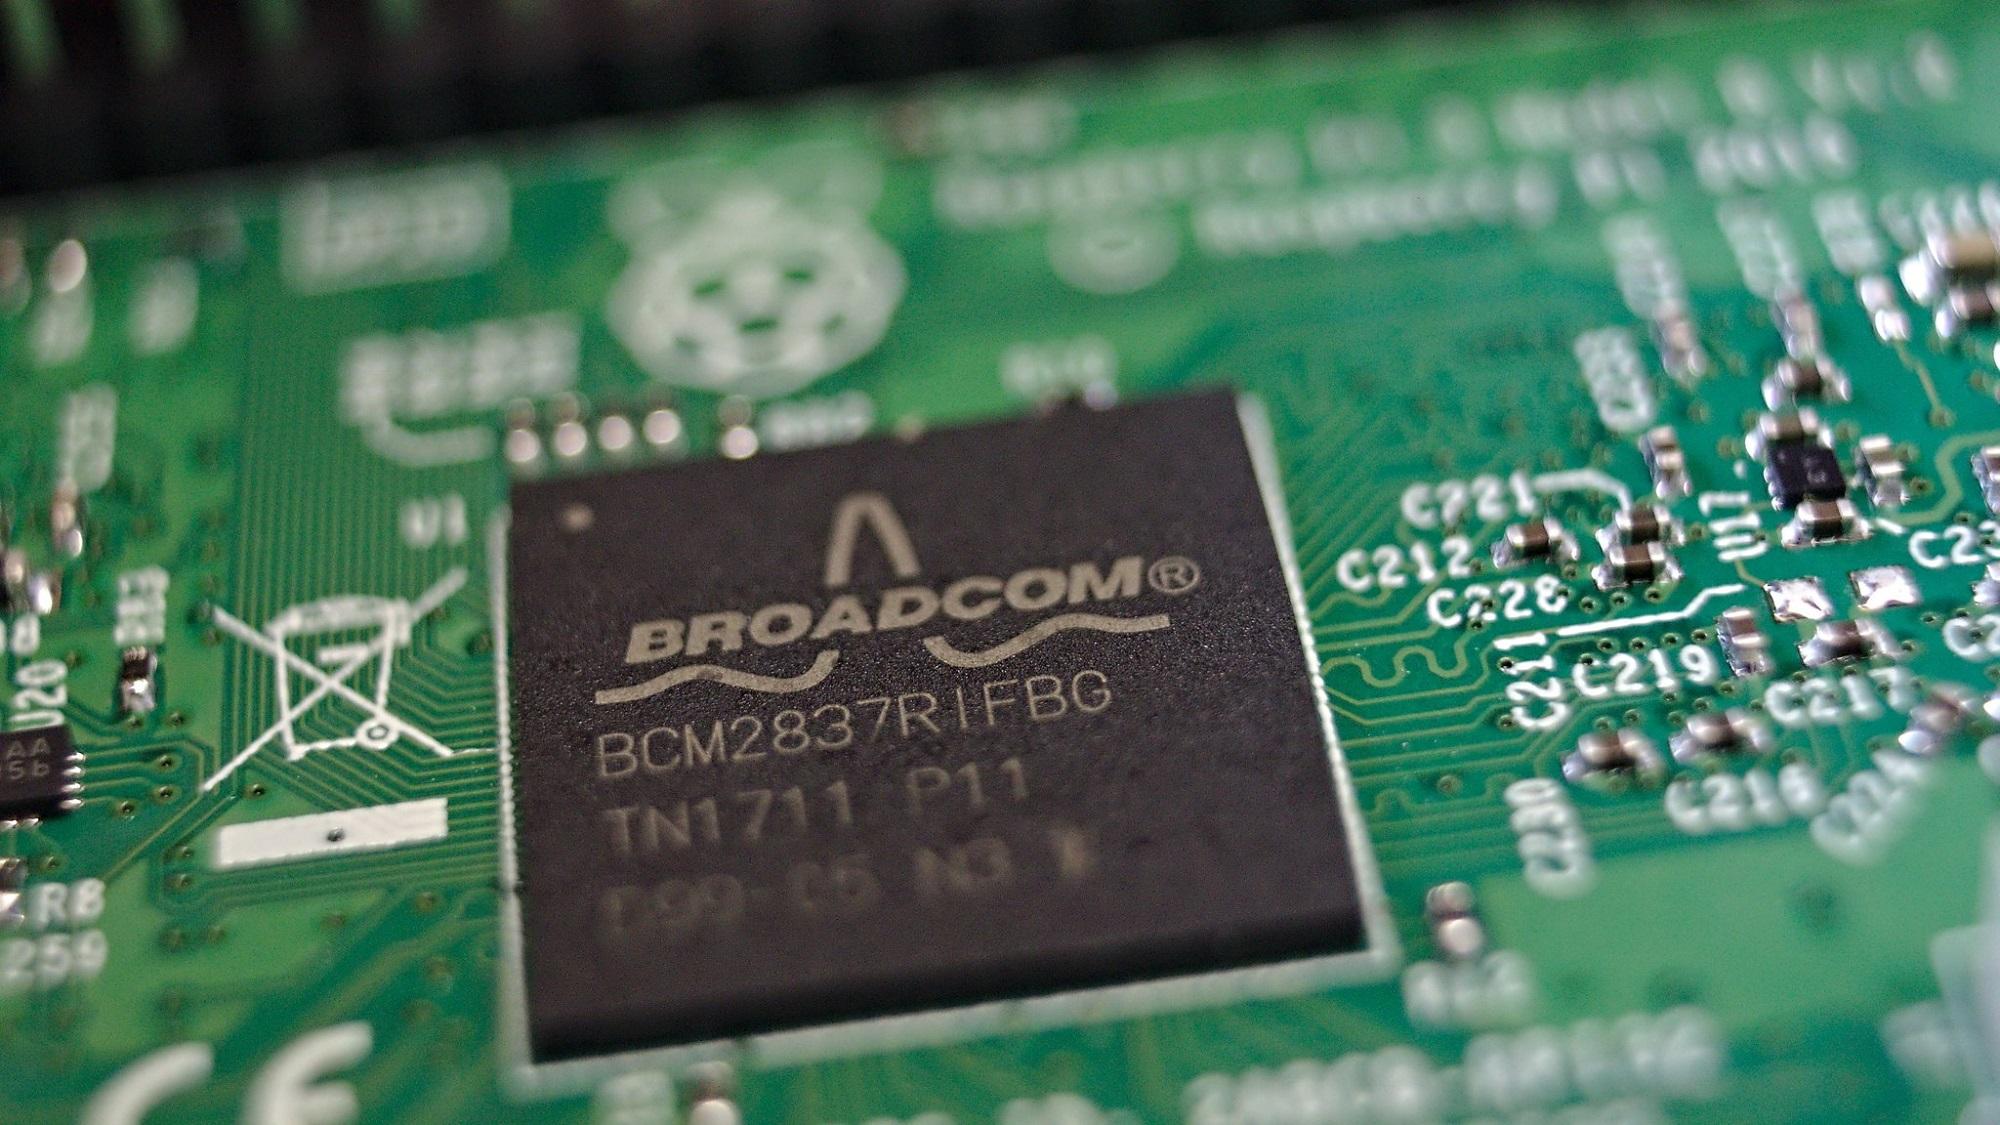 Bruxelles ordonne à Broadcom de suspendre des clauses commerciales jugées abusives